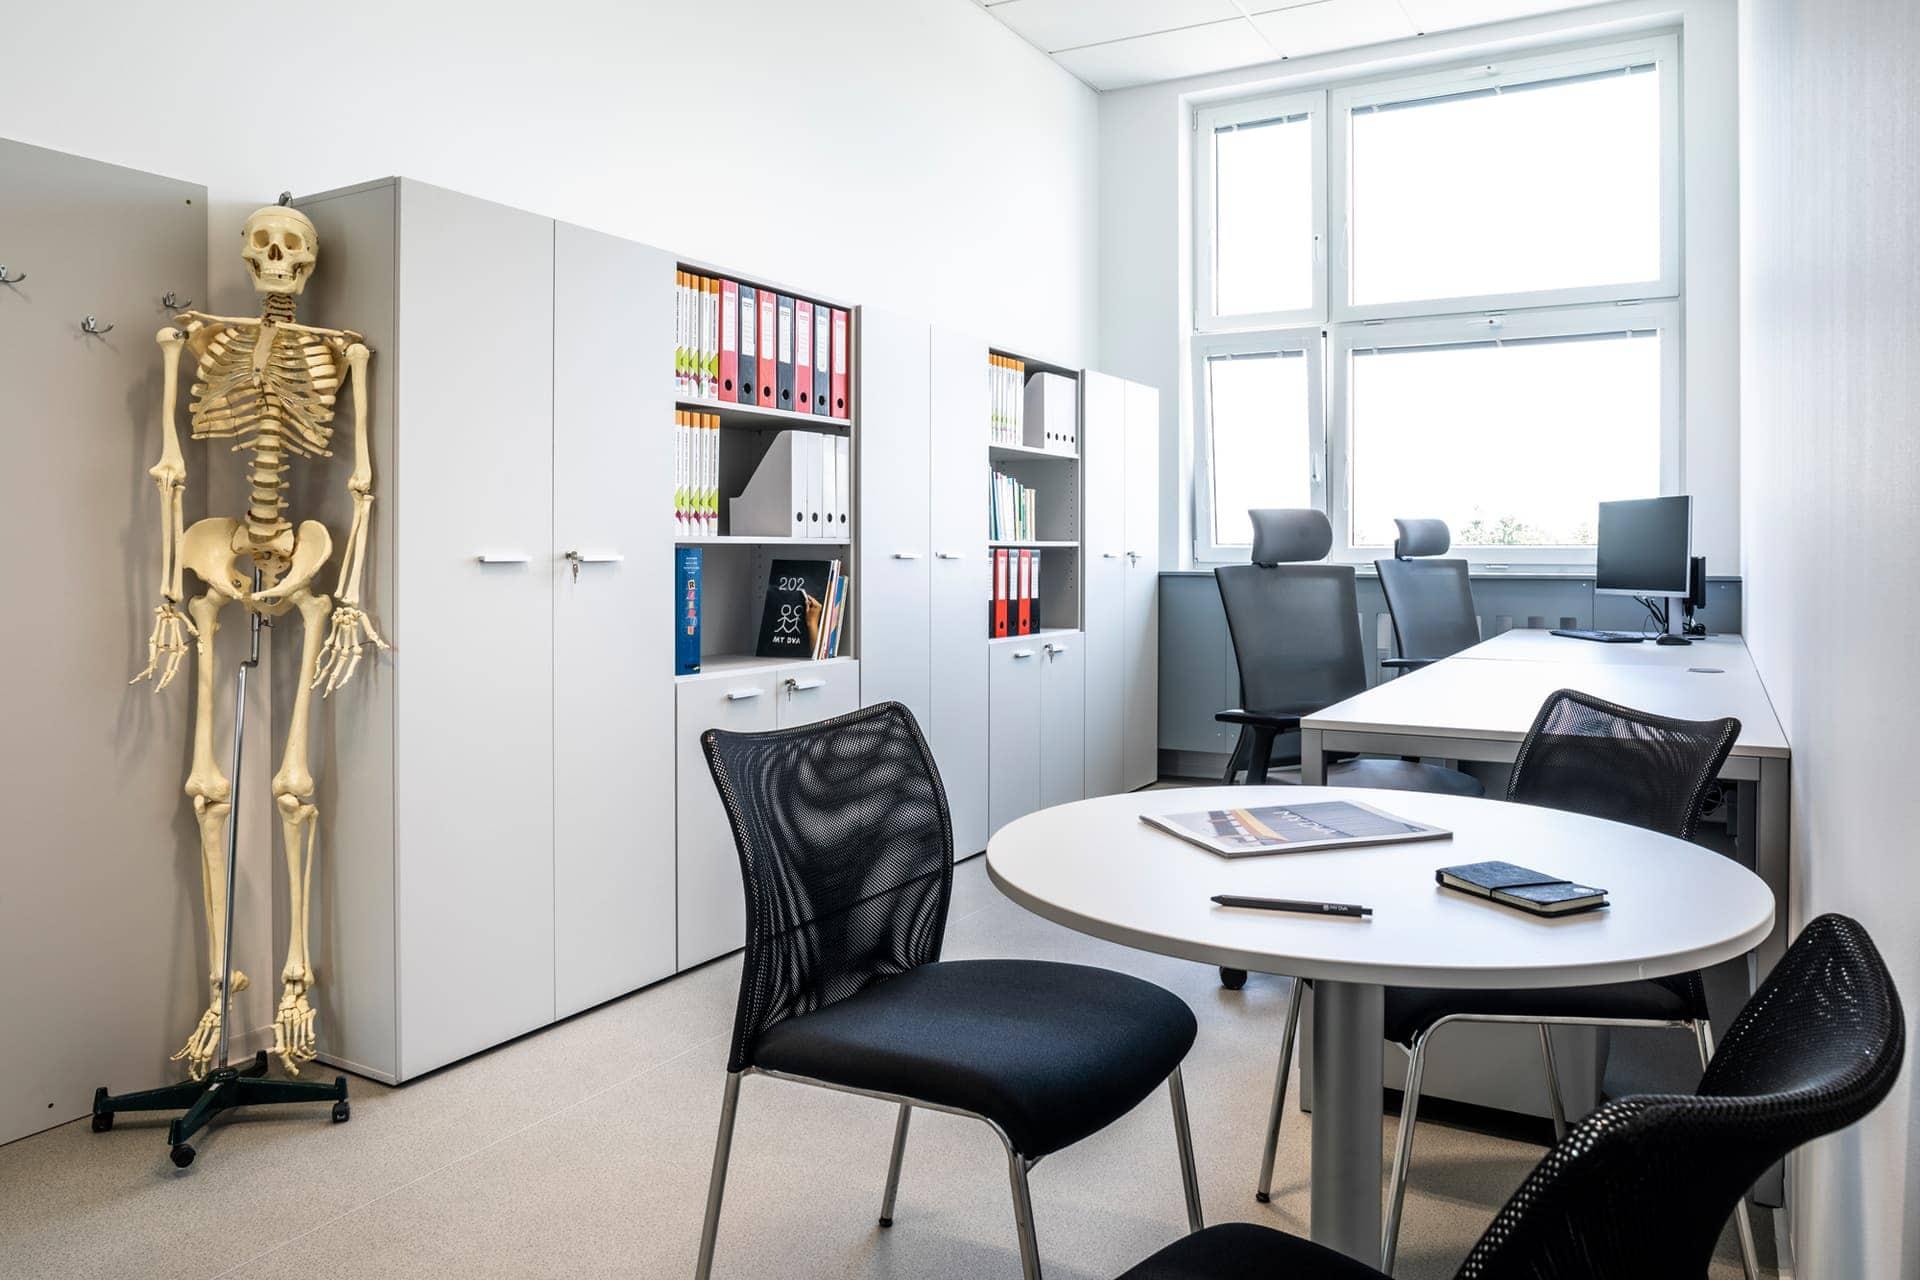 kabinet biologie